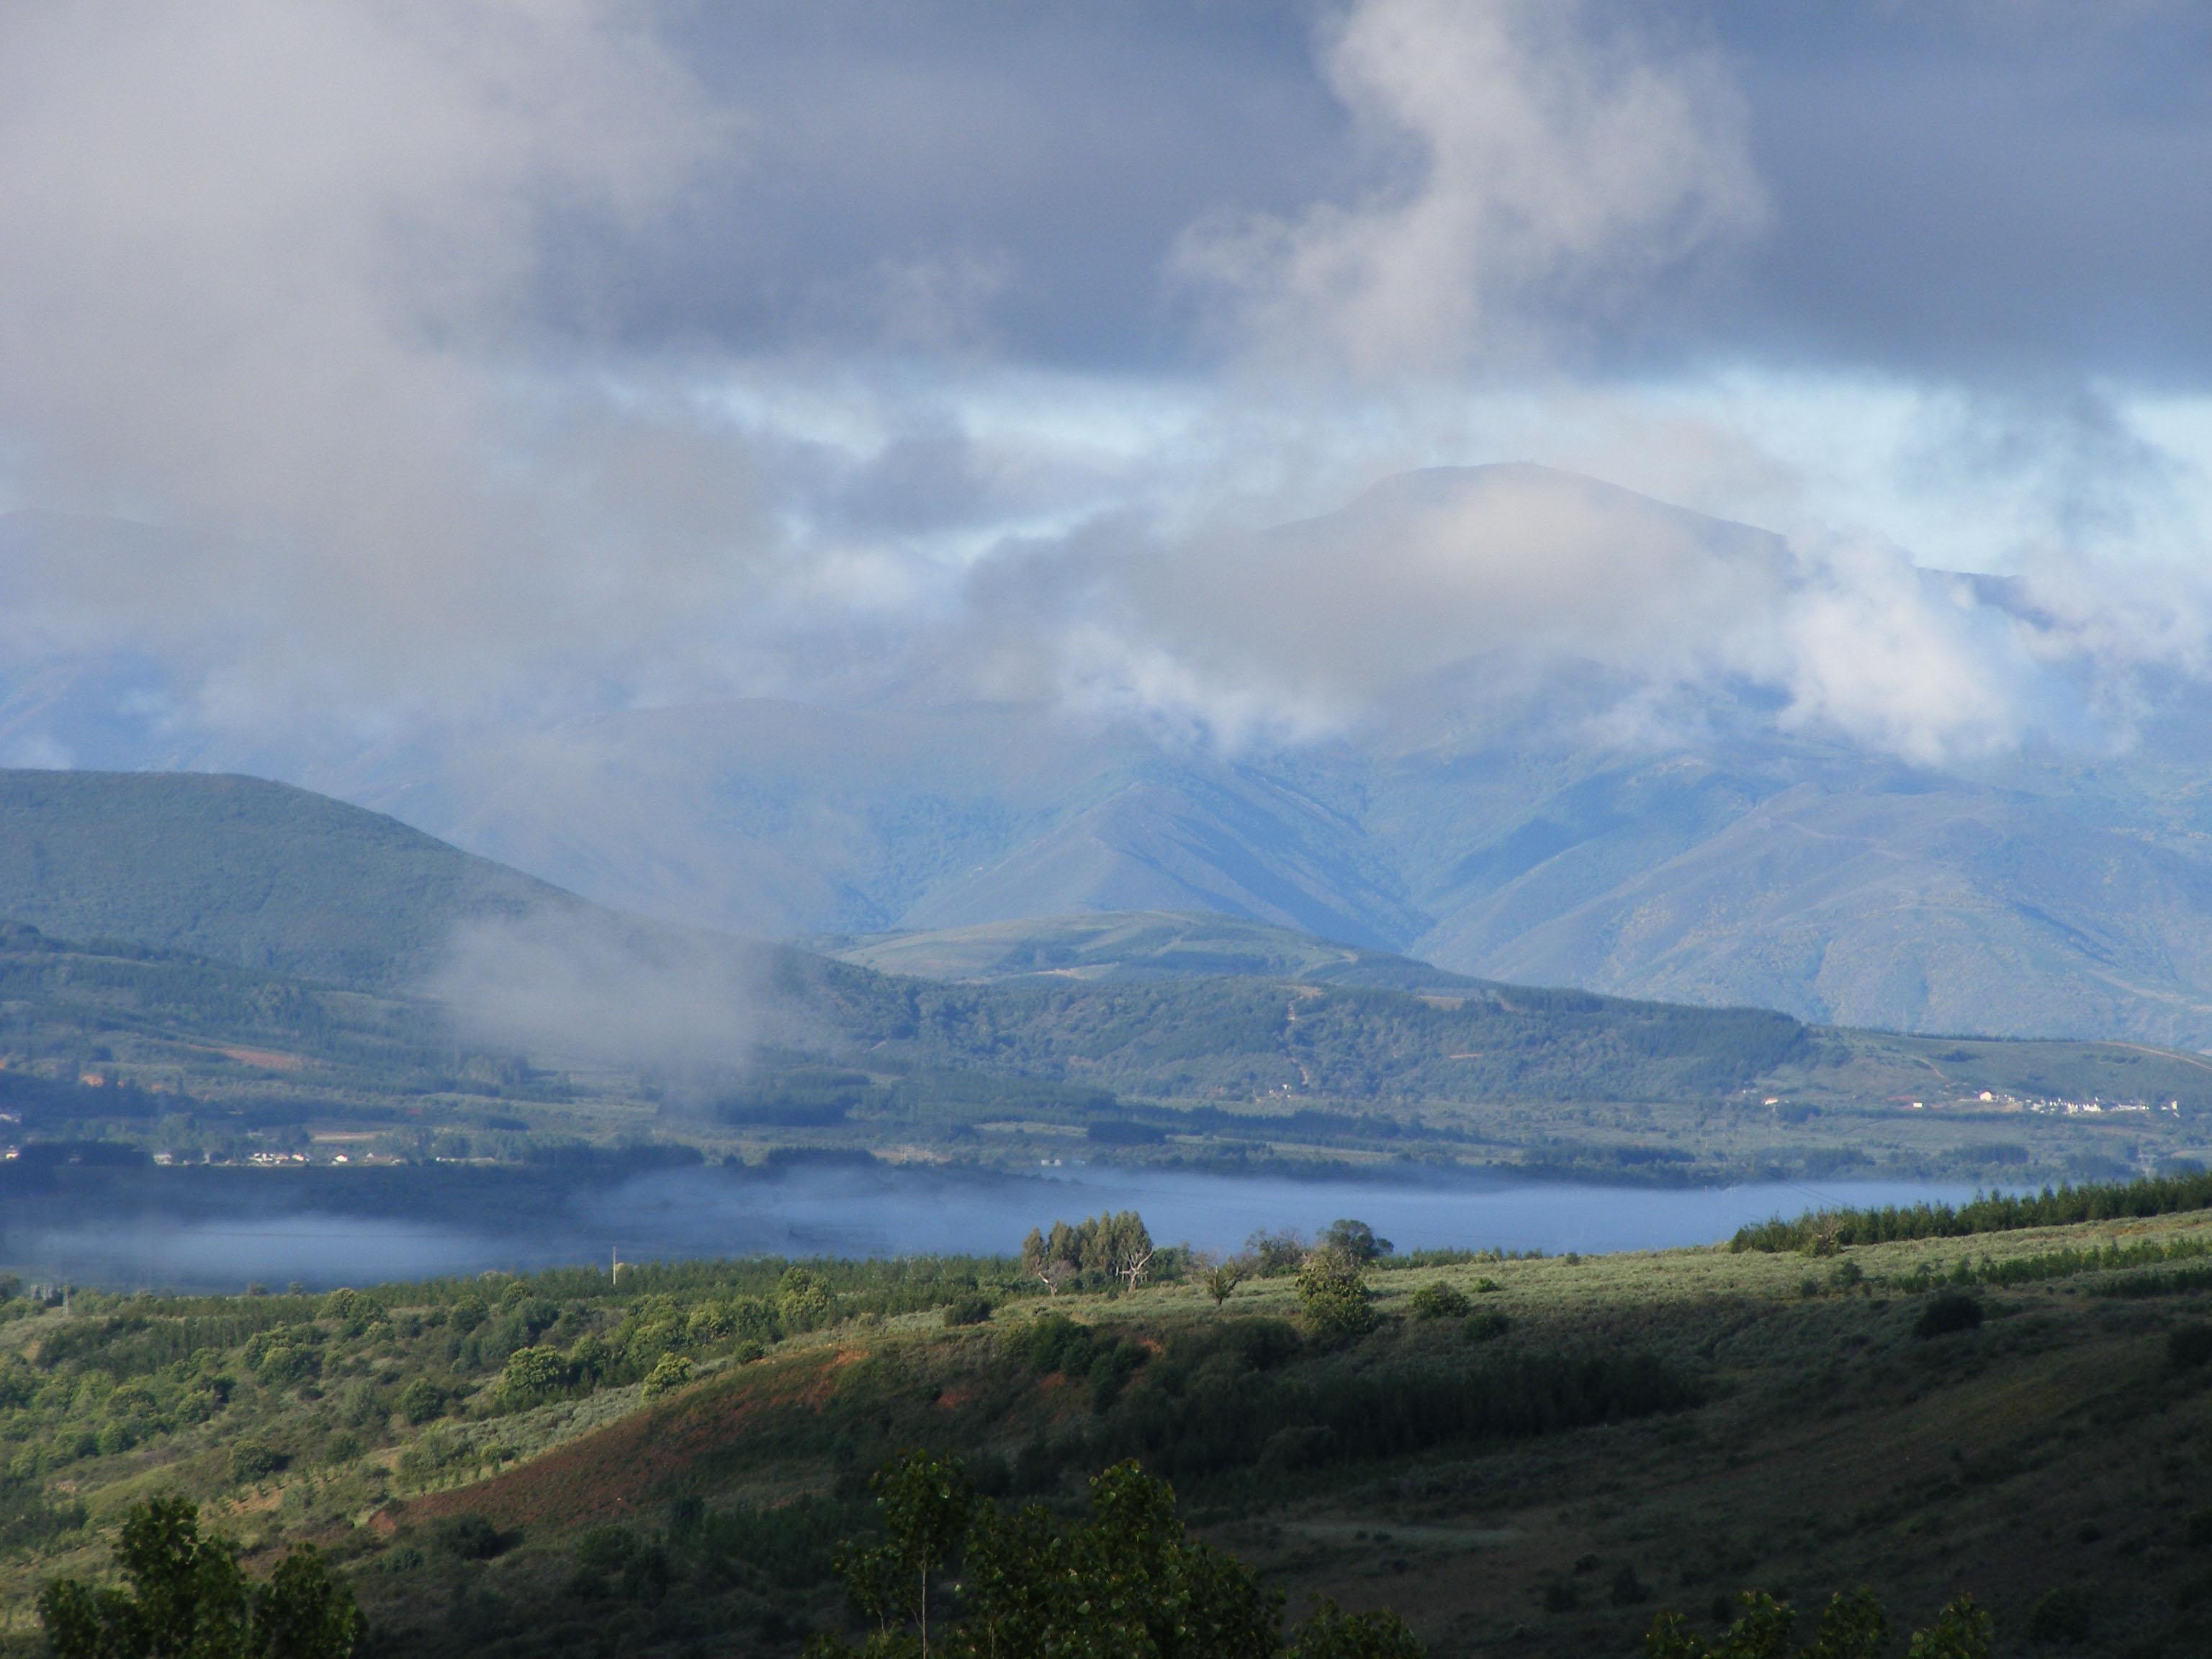 Valle de Bembibre, El Bierzo